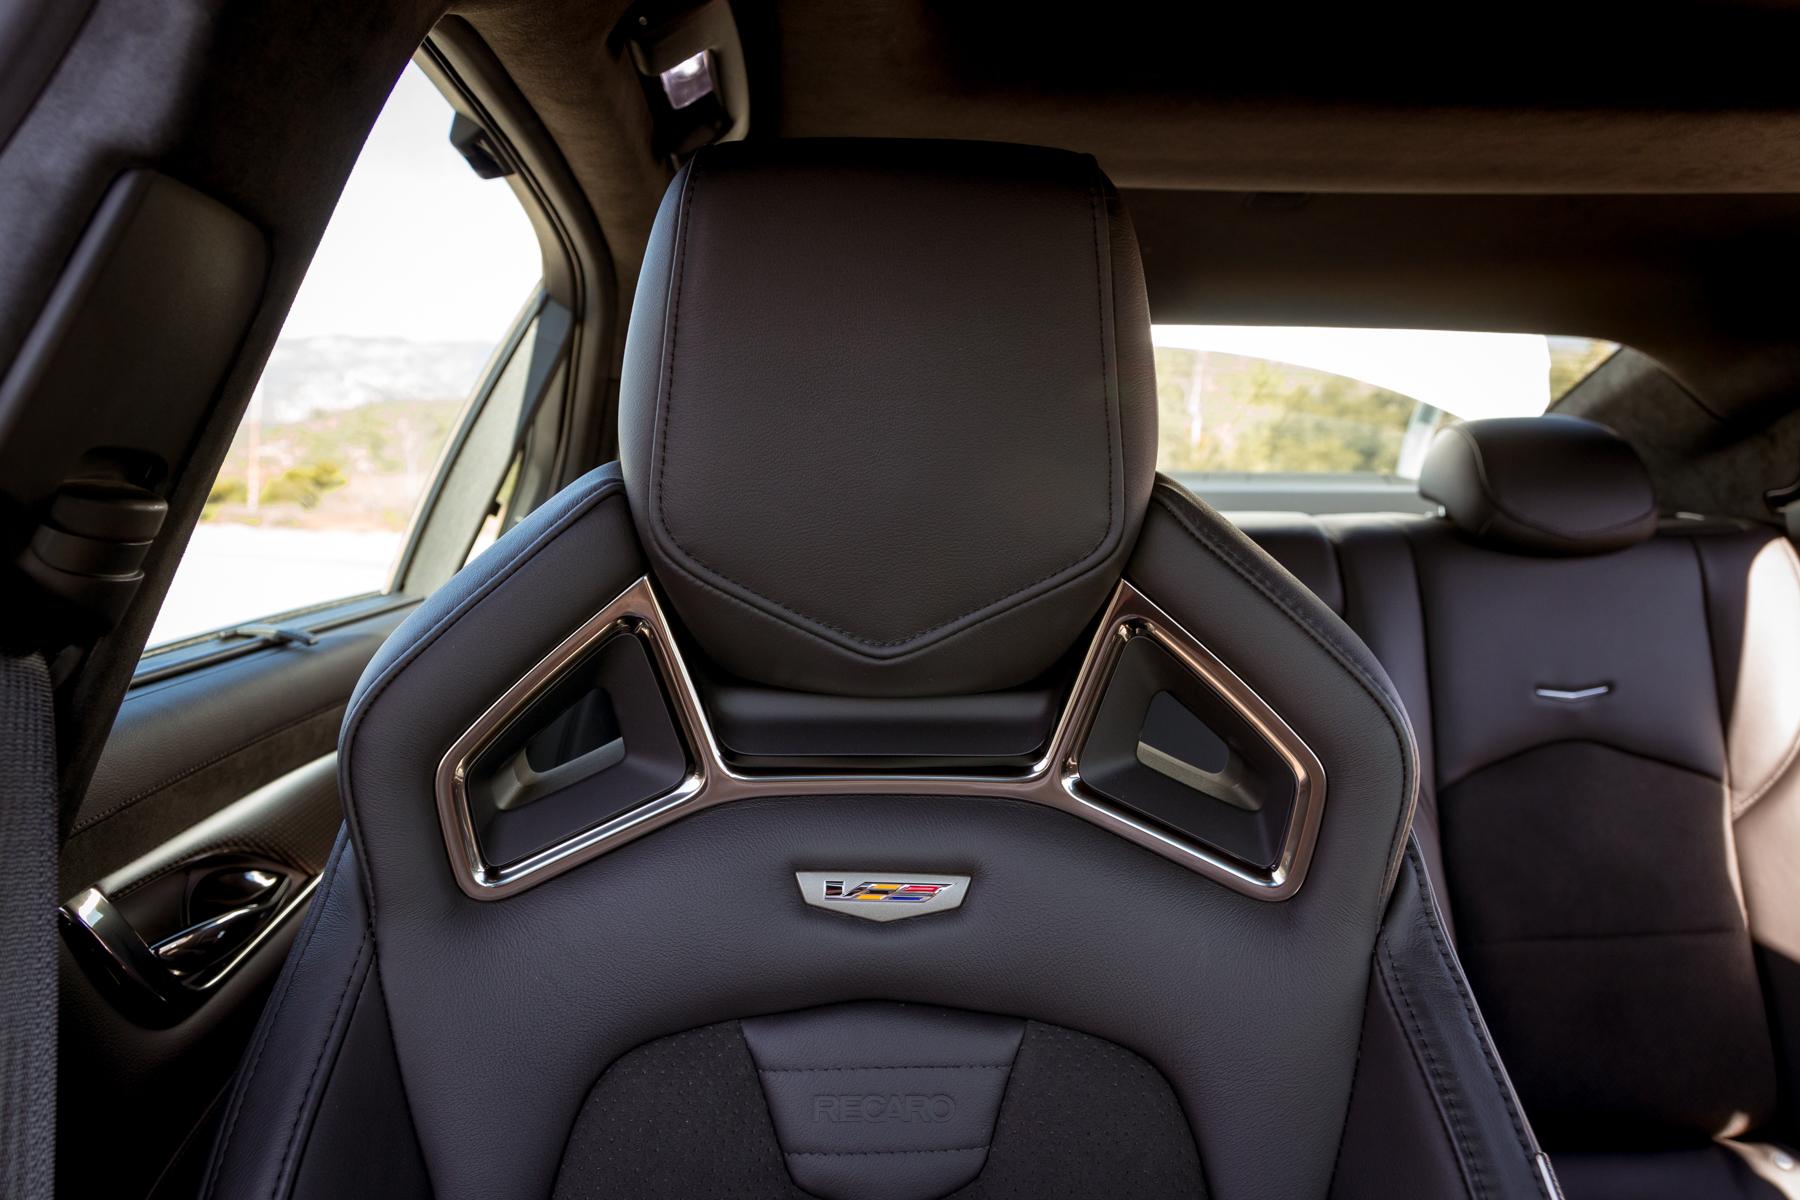 2017 Cadillac Cts V On